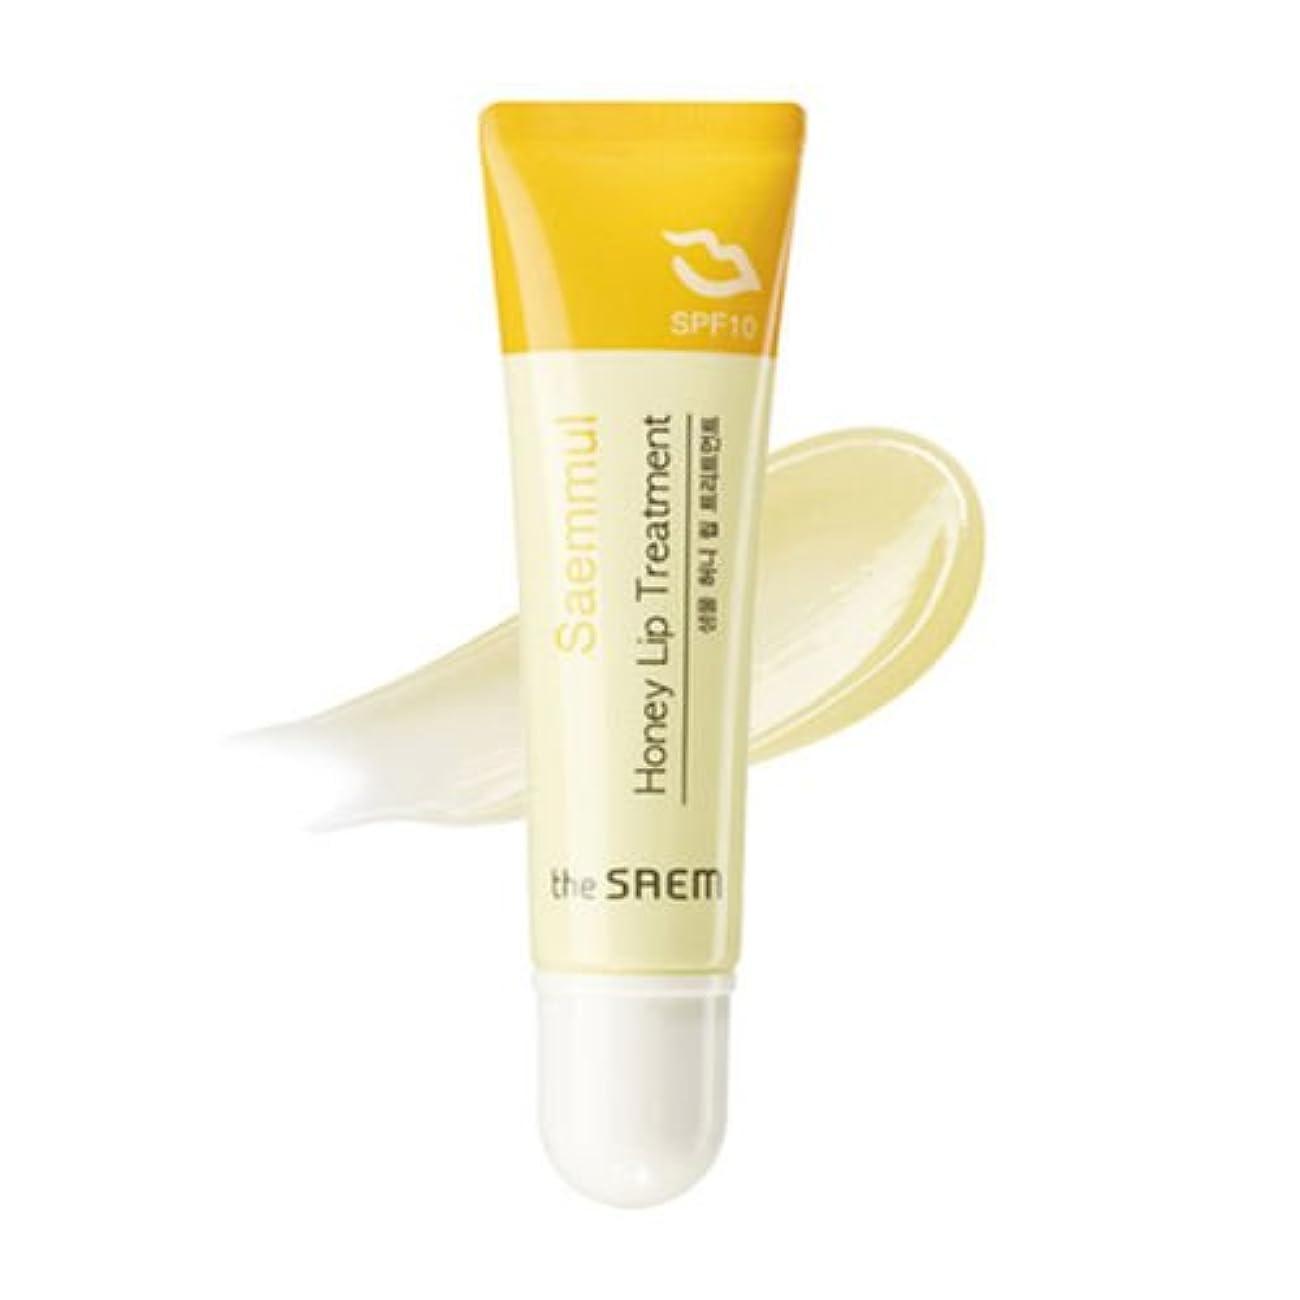 合併症どれでも納税者the SAEM ザセム セムムル ハニー リップ トリートメント Saemmul Honey Lip Treatment 10ml 韓国コスメ